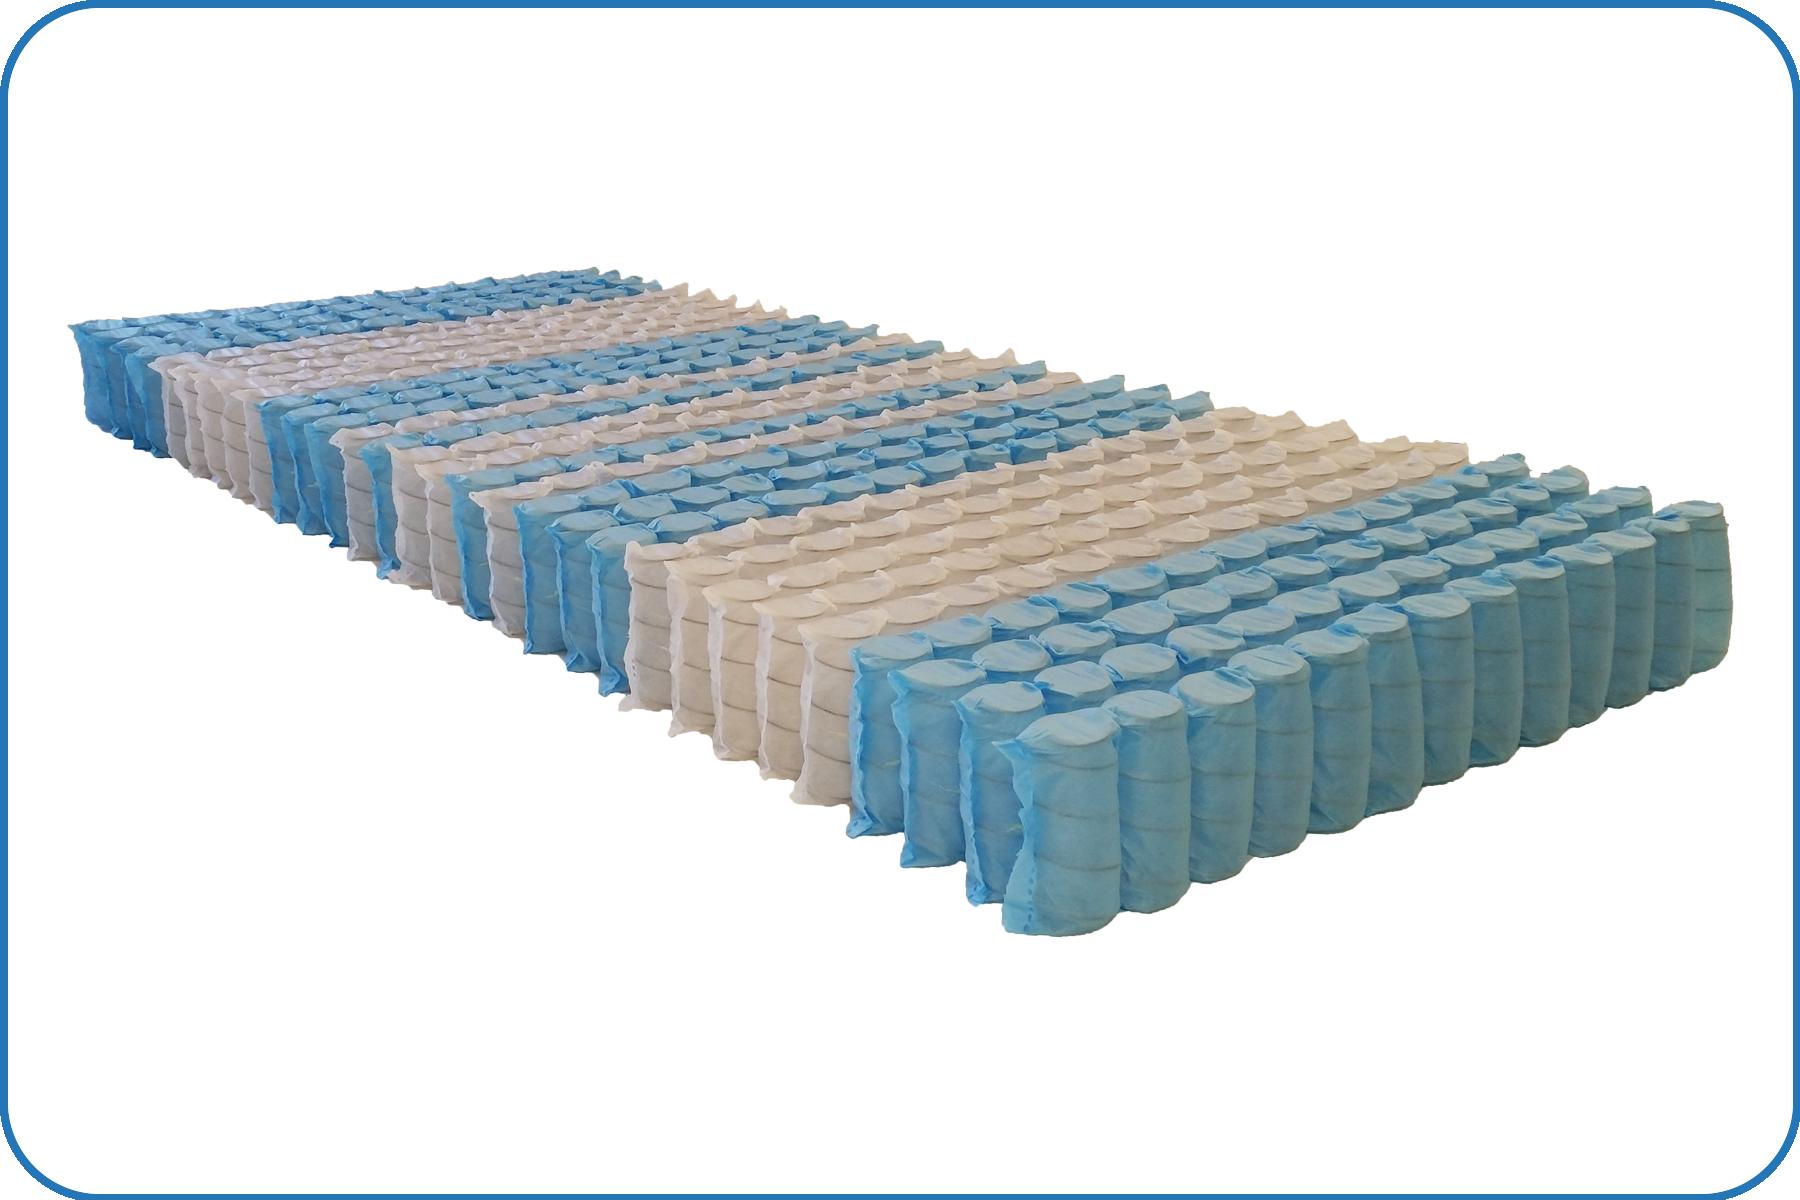 7-Zonen RELAX Matratze SleepPoint.eu 80 90 120 200 Pocket Taschen Orthopädisch